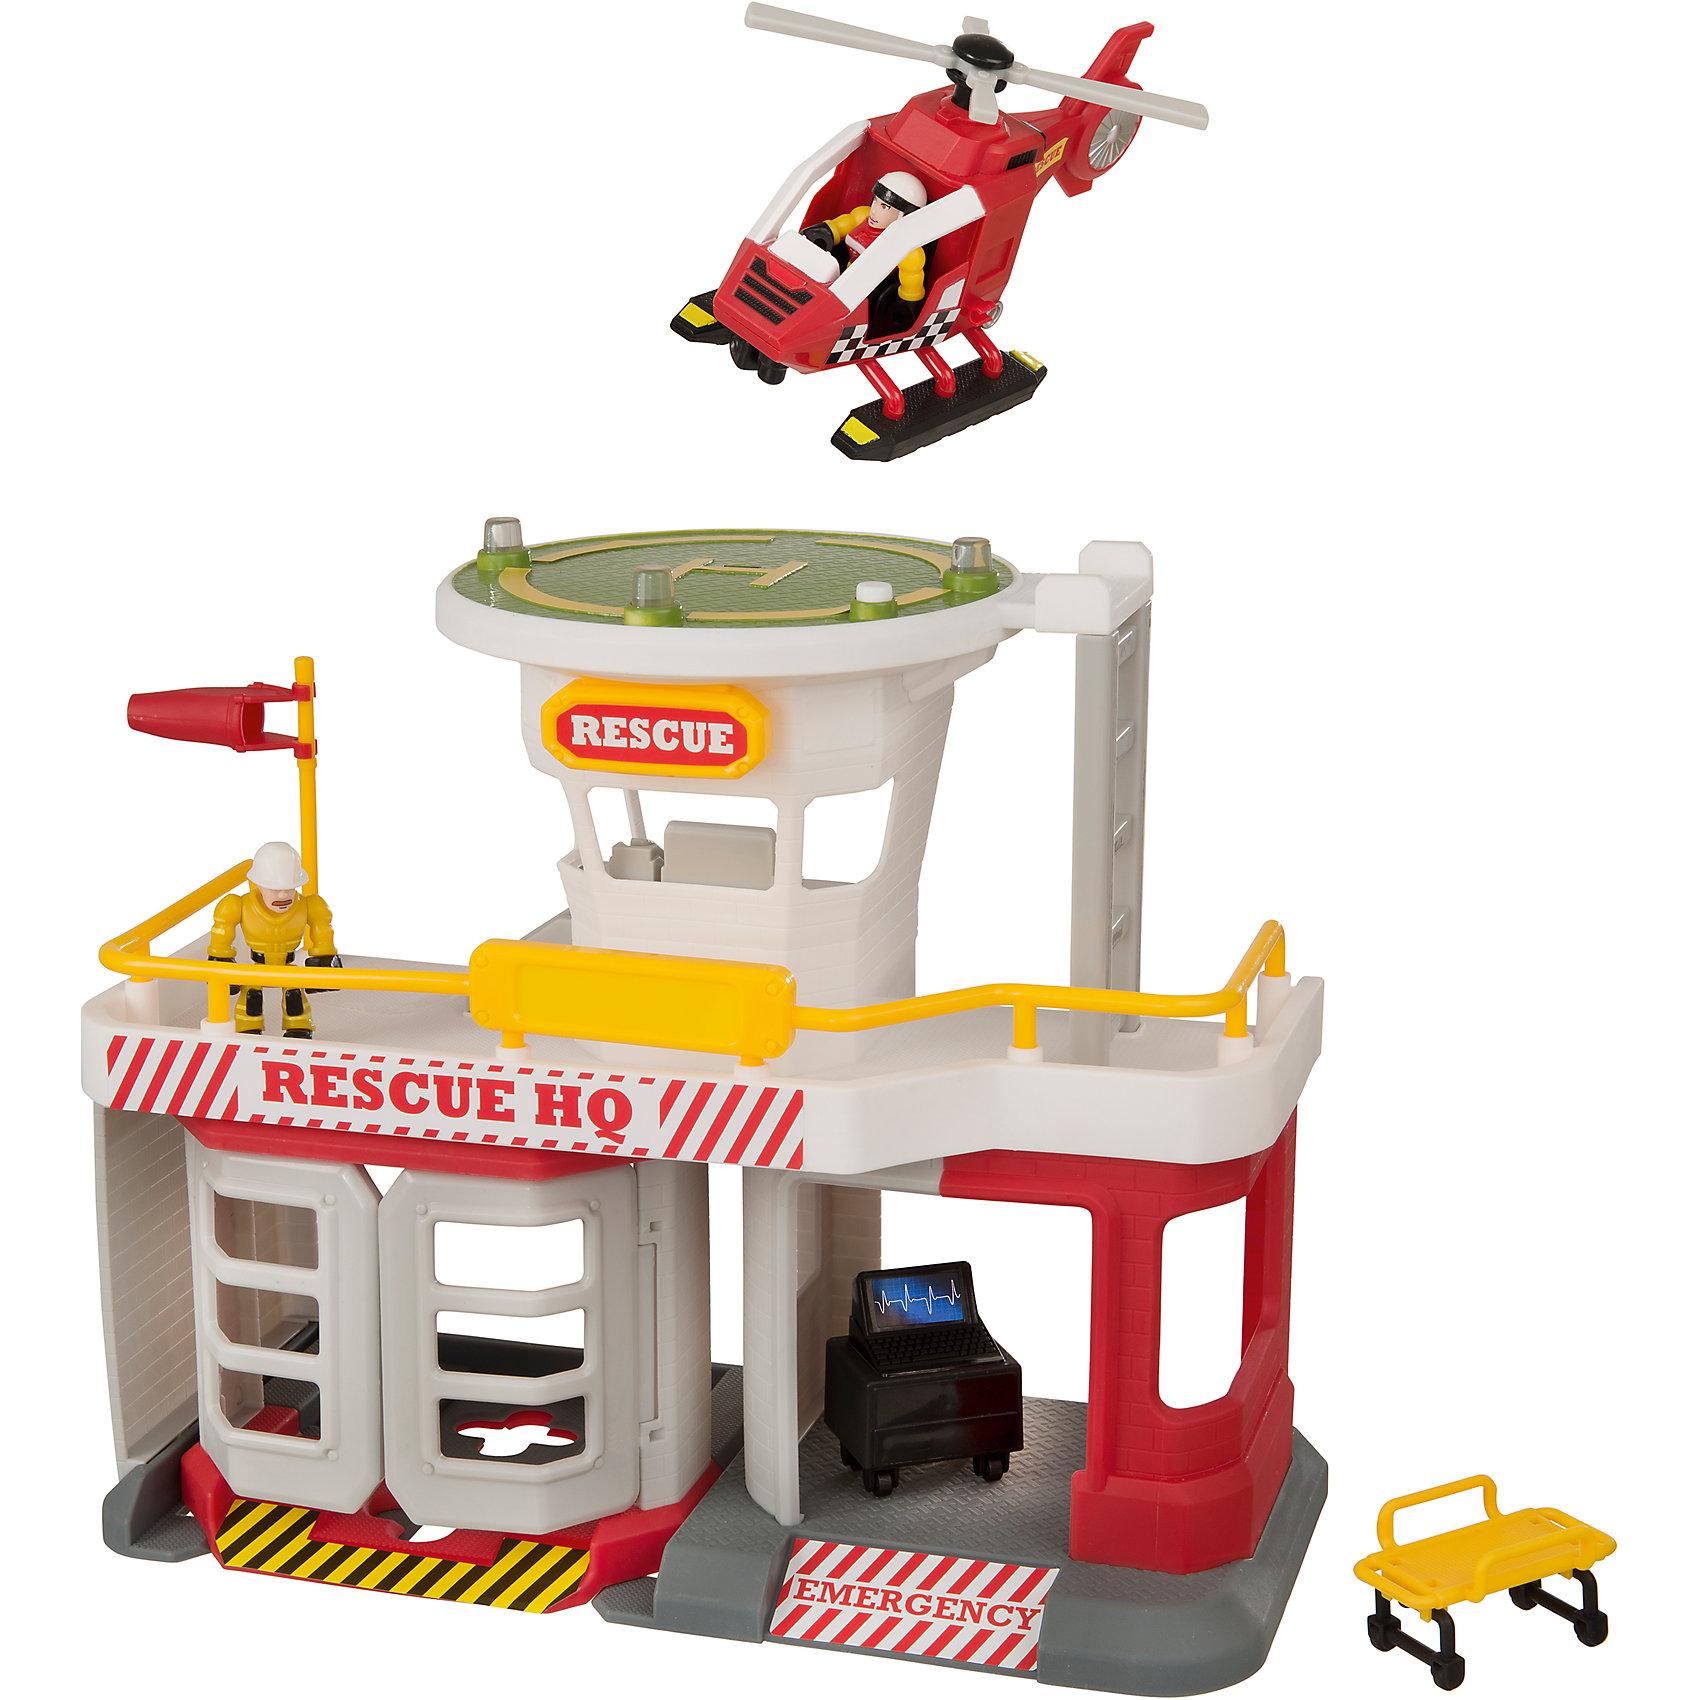 Спасательная станция МЧС, TeamsterzИгровые наборы<br>Спасательная станция МЧС, Teamsterz<br><br>Характеристики:<br><br>• Возраст: от 3 лет<br>• Материал: пластмасса, металл<br>• Высота парковки: 38 см<br>• Батарейки: 3хААА<br>• В комплекте: станция, 2 фигурки, вертолет<br><br>Каждый ребенок мечтает быть спасателем. С помощью этого игрового набора малыш сможет разнообразить игру в спасателей и сделать ее максимально реалистичной и безопасной. Комплекс обладает световыми и звуковыми эффектами. Дополнительно в комплекте идут две фигурки для игры и вертолет.<br><br>Спасательная станция МЧС, Teamsterz можно купить в нашем интернет-магазине.<br><br>Ширина мм: 510<br>Глубина мм: 321<br>Высота мм: 144<br>Вес г: 1284<br>Возраст от месяцев: 36<br>Возраст до месяцев: 168<br>Пол: Мужской<br>Возраст: Детский<br>SKU: 5427400